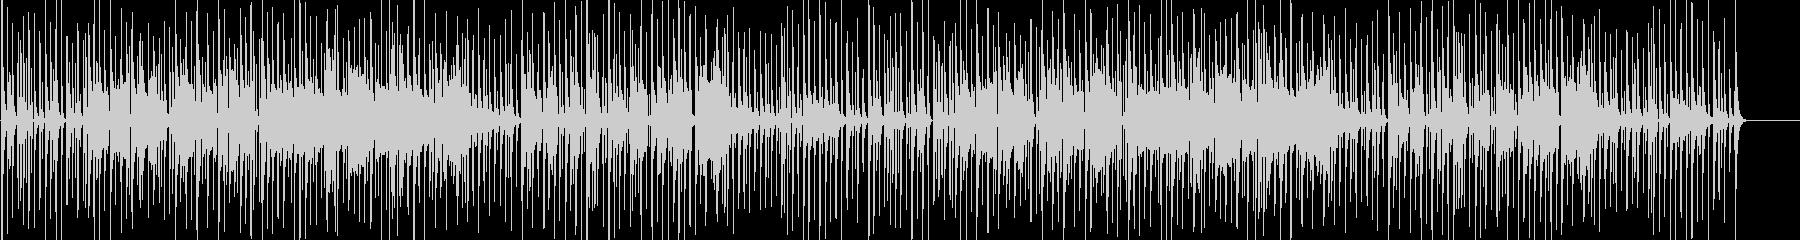 まぬけな音楽 ふざけた感じ 下手な演奏の未再生の波形